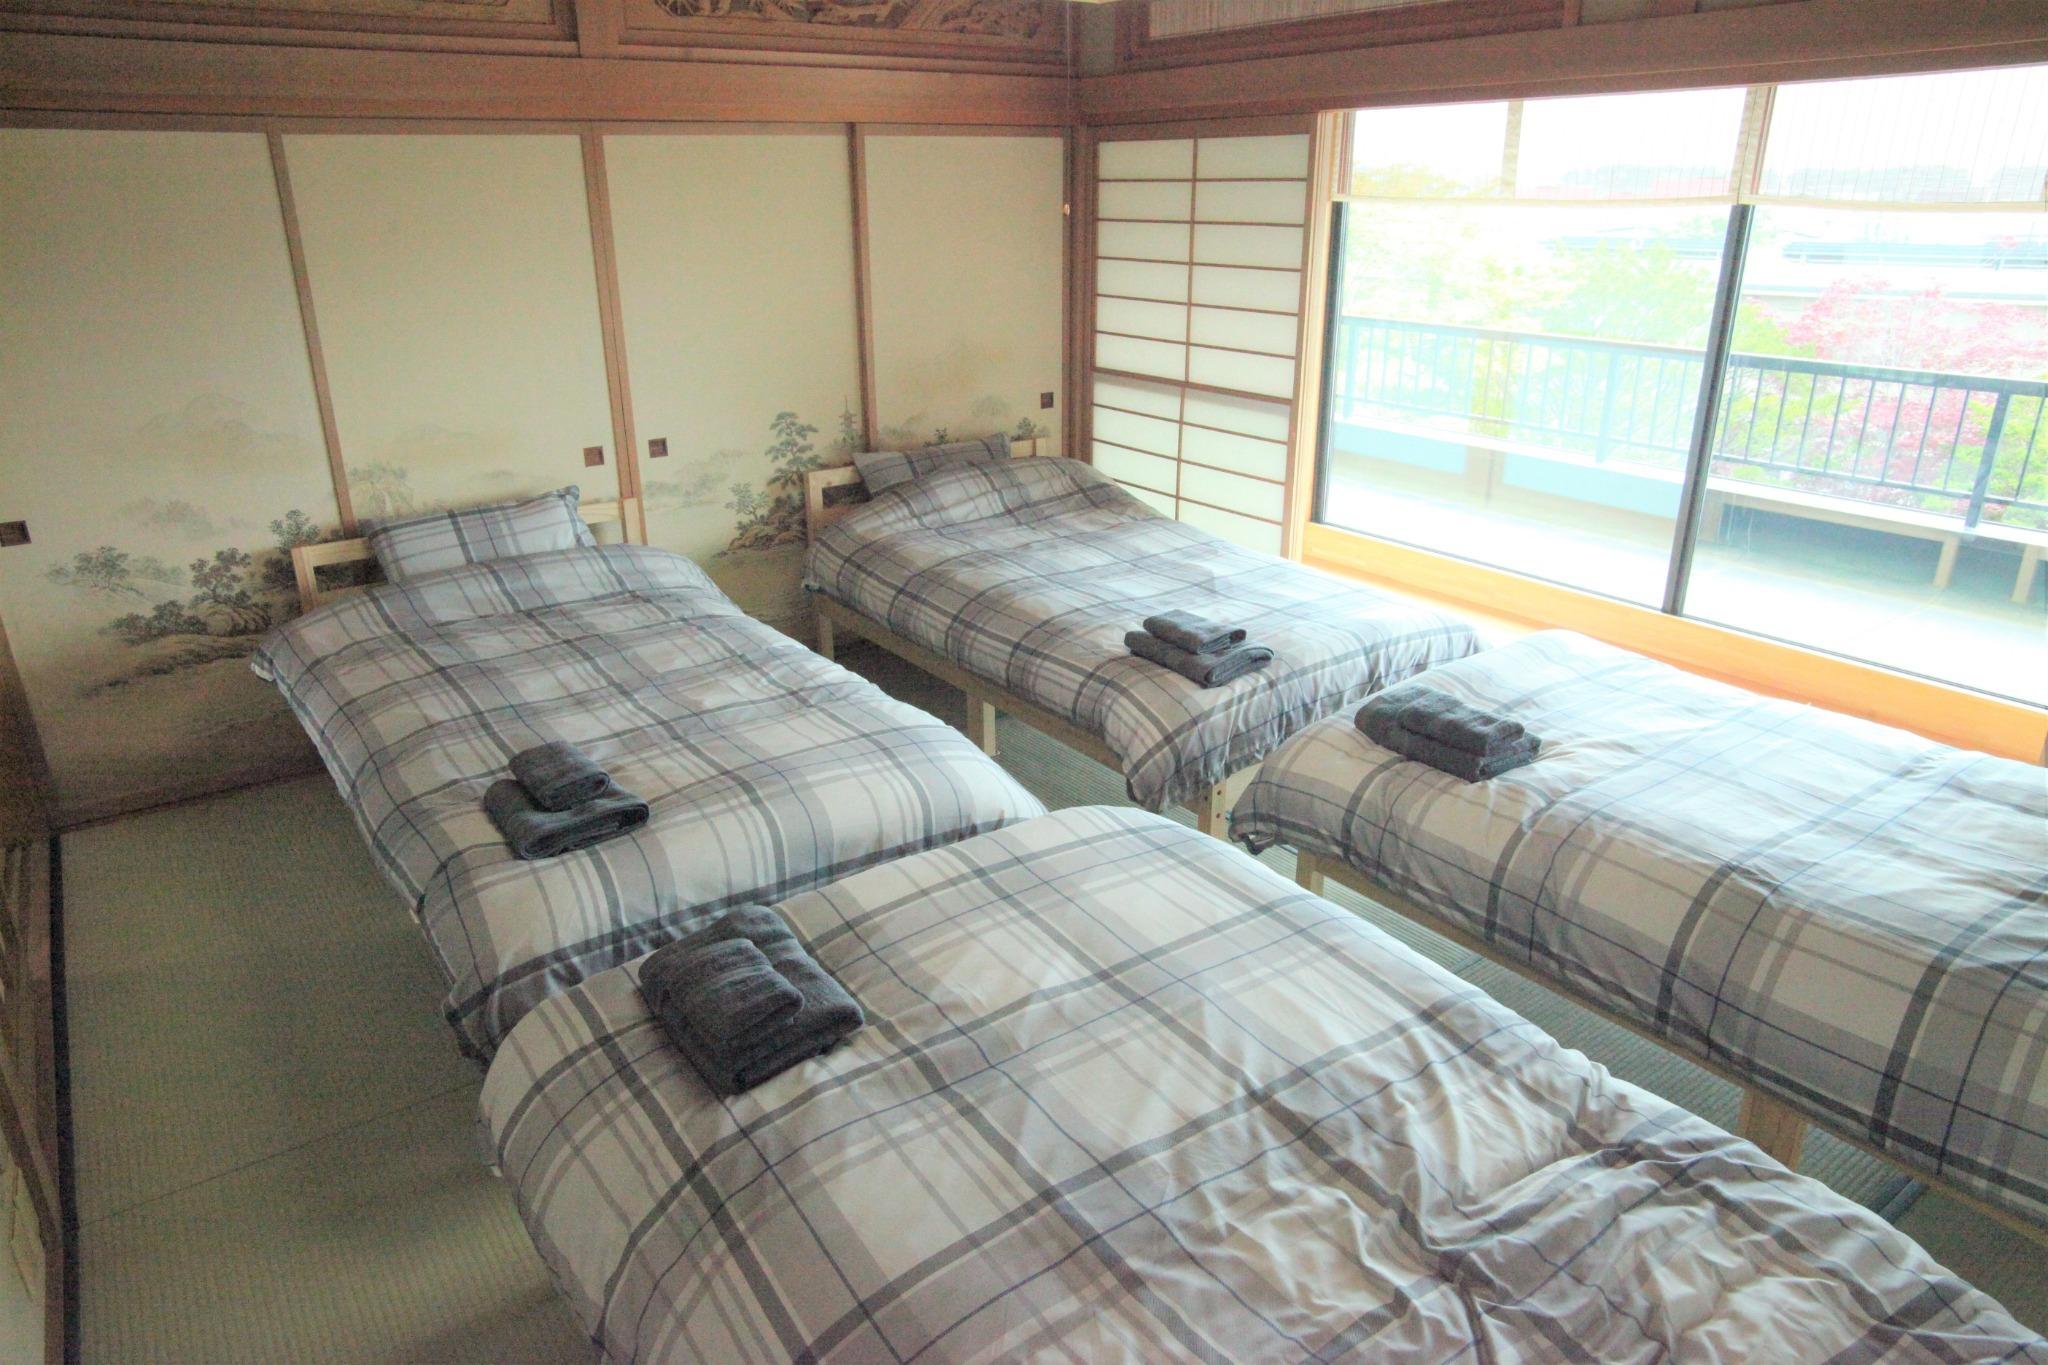 和室4名部屋(ベッド)2 2F